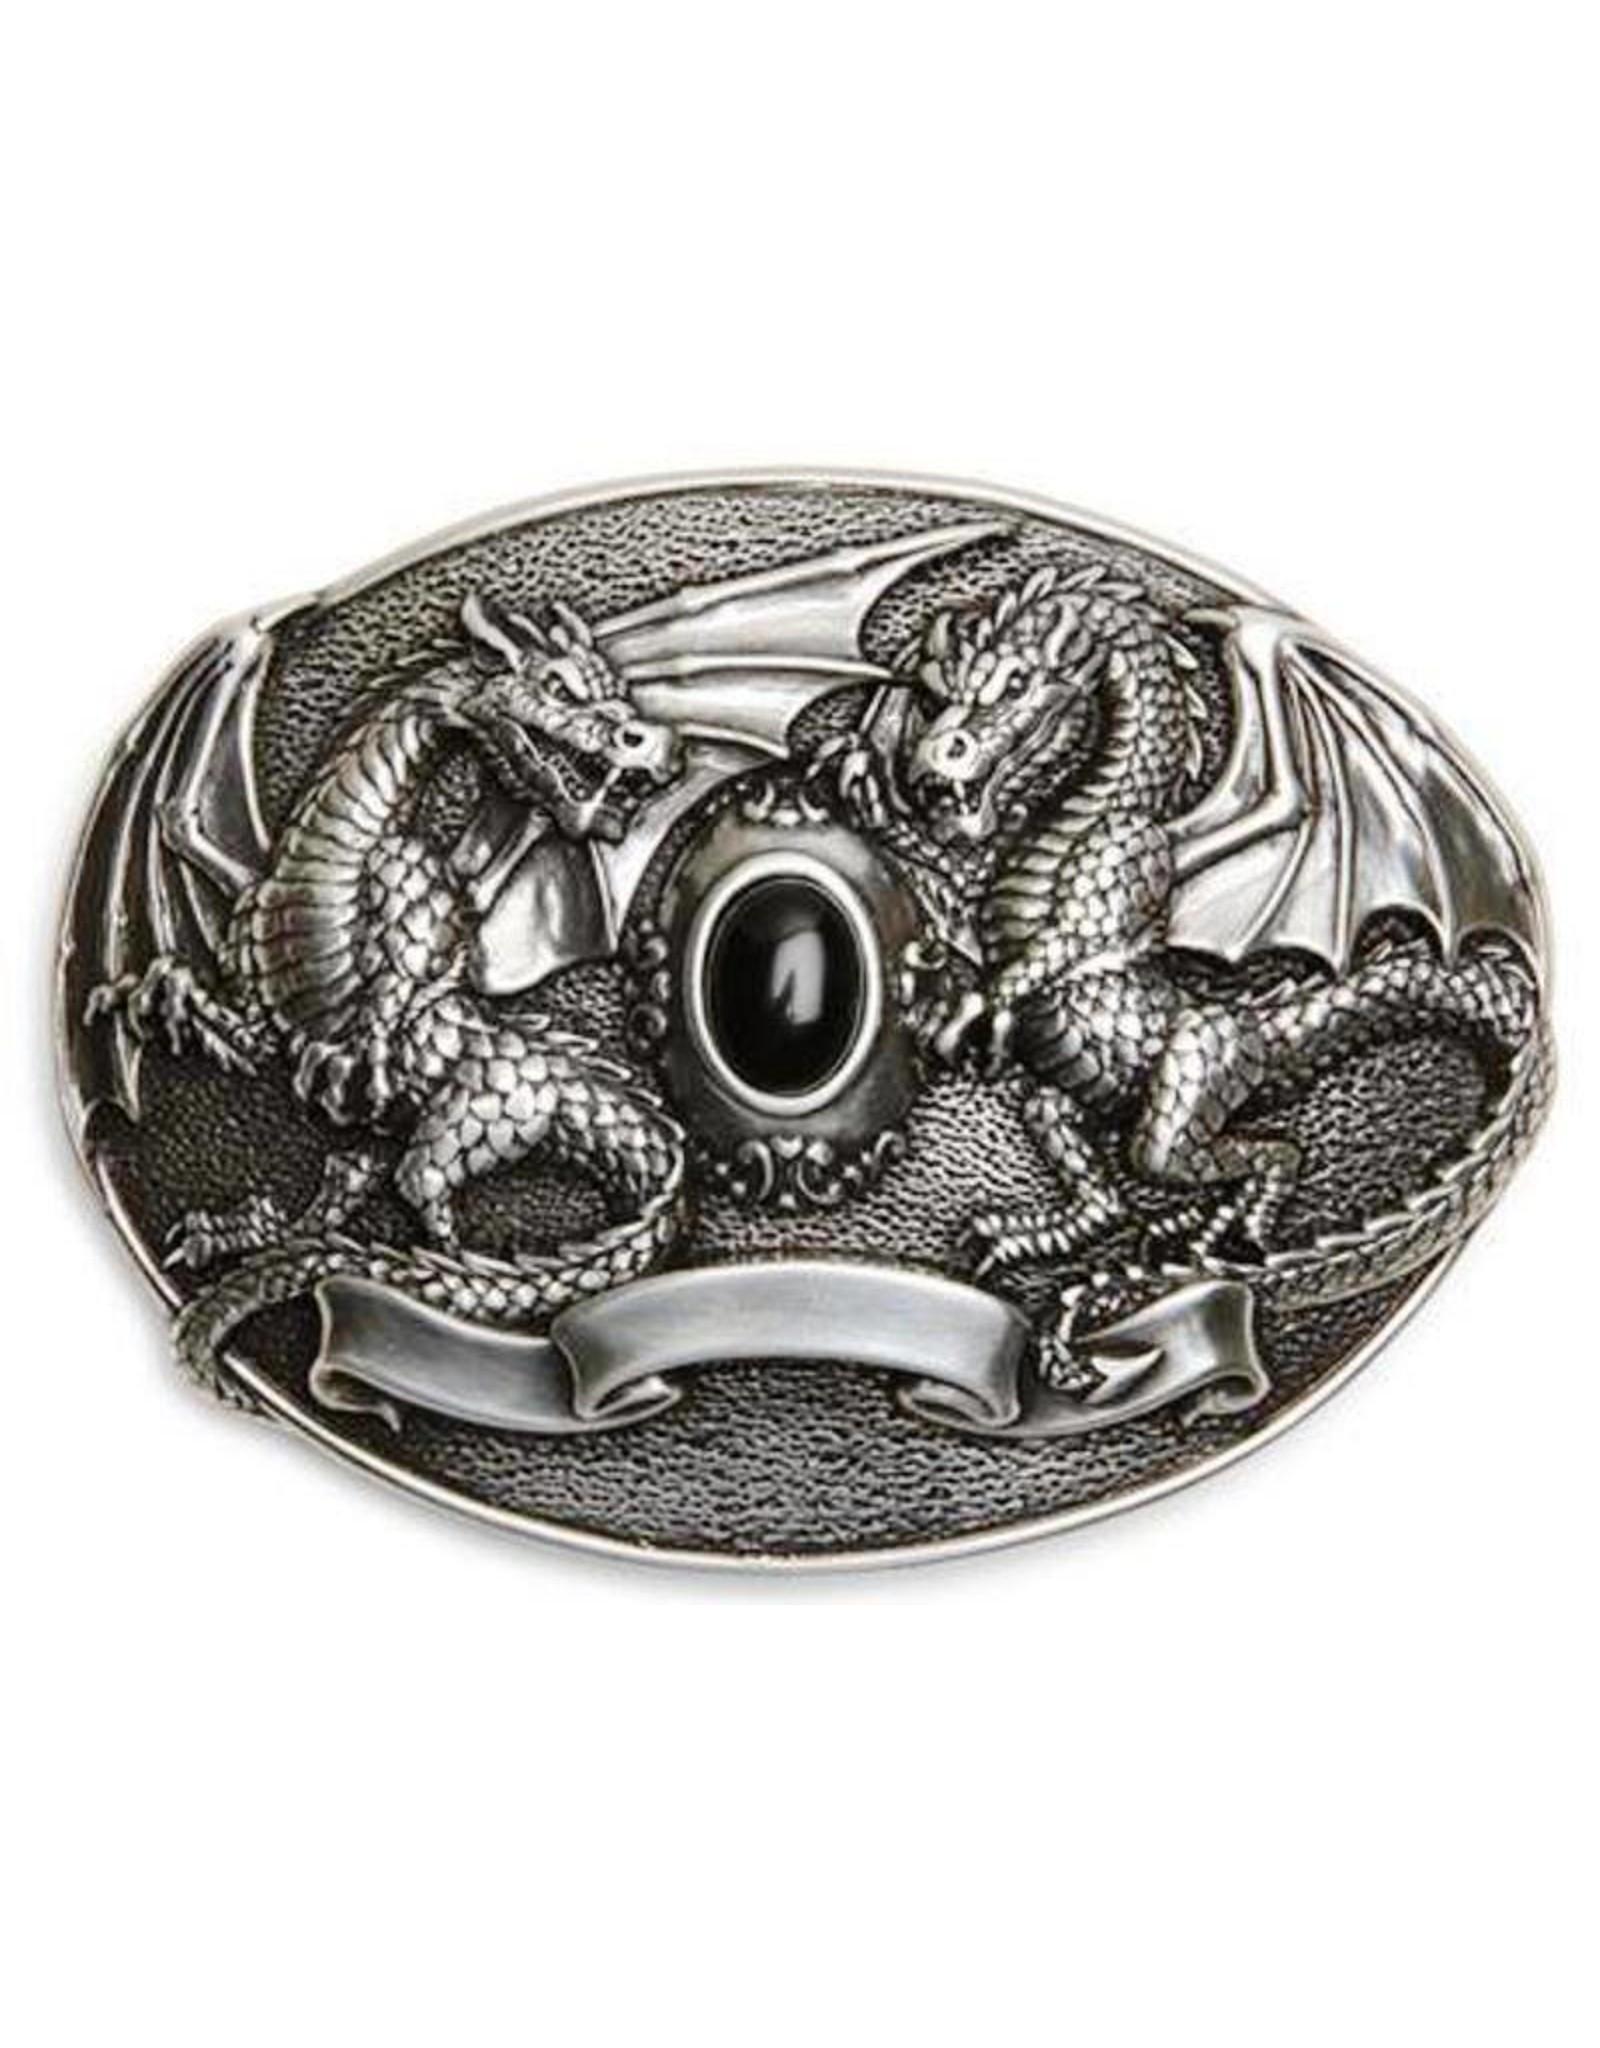 Acco Leren riemen en buckles - Buckle Black Dragon